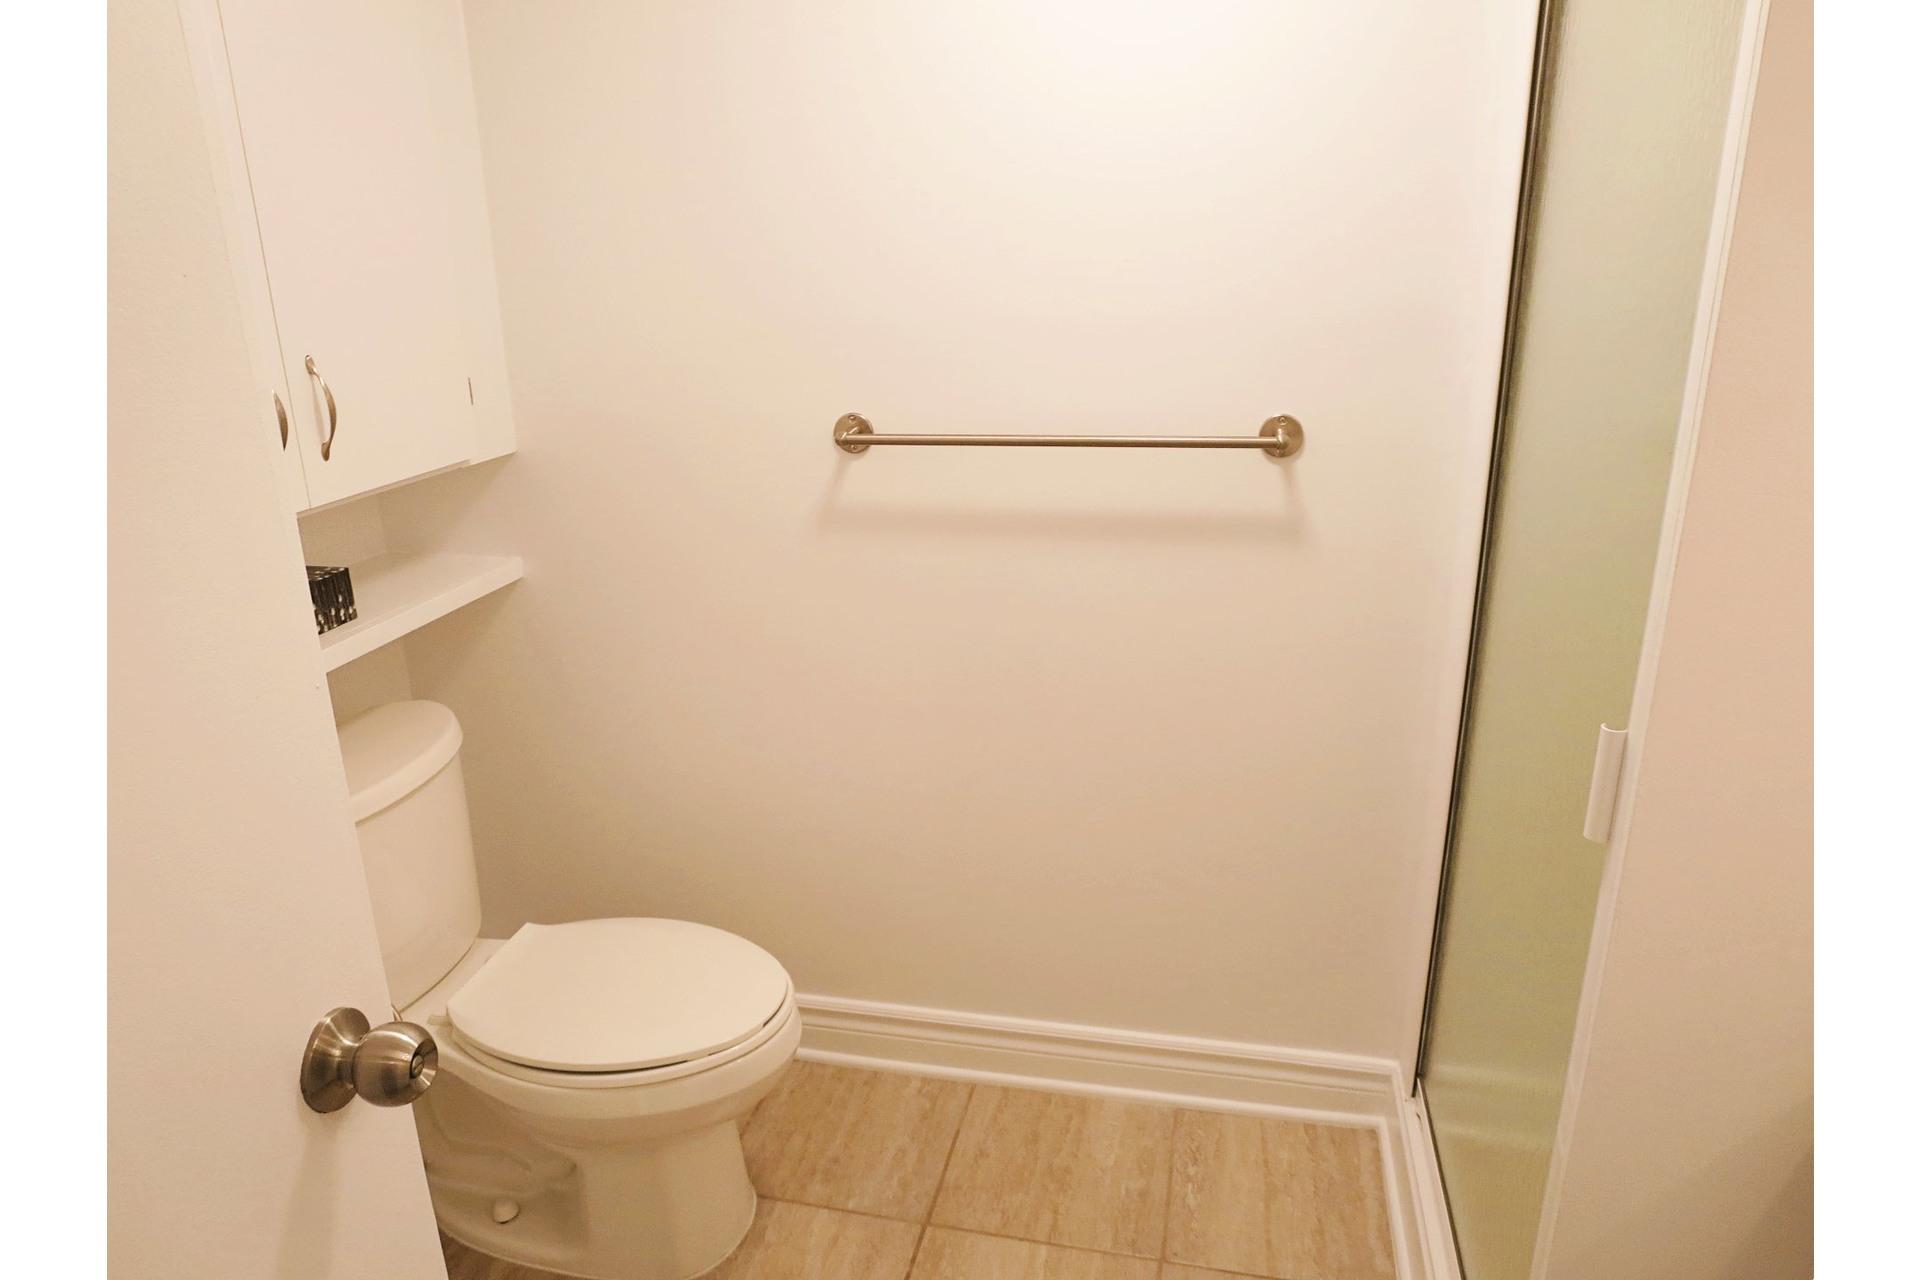 image 28 - Triplex For sale Mercier/Hochelaga-Maisonneuve Montréal  - 6 rooms